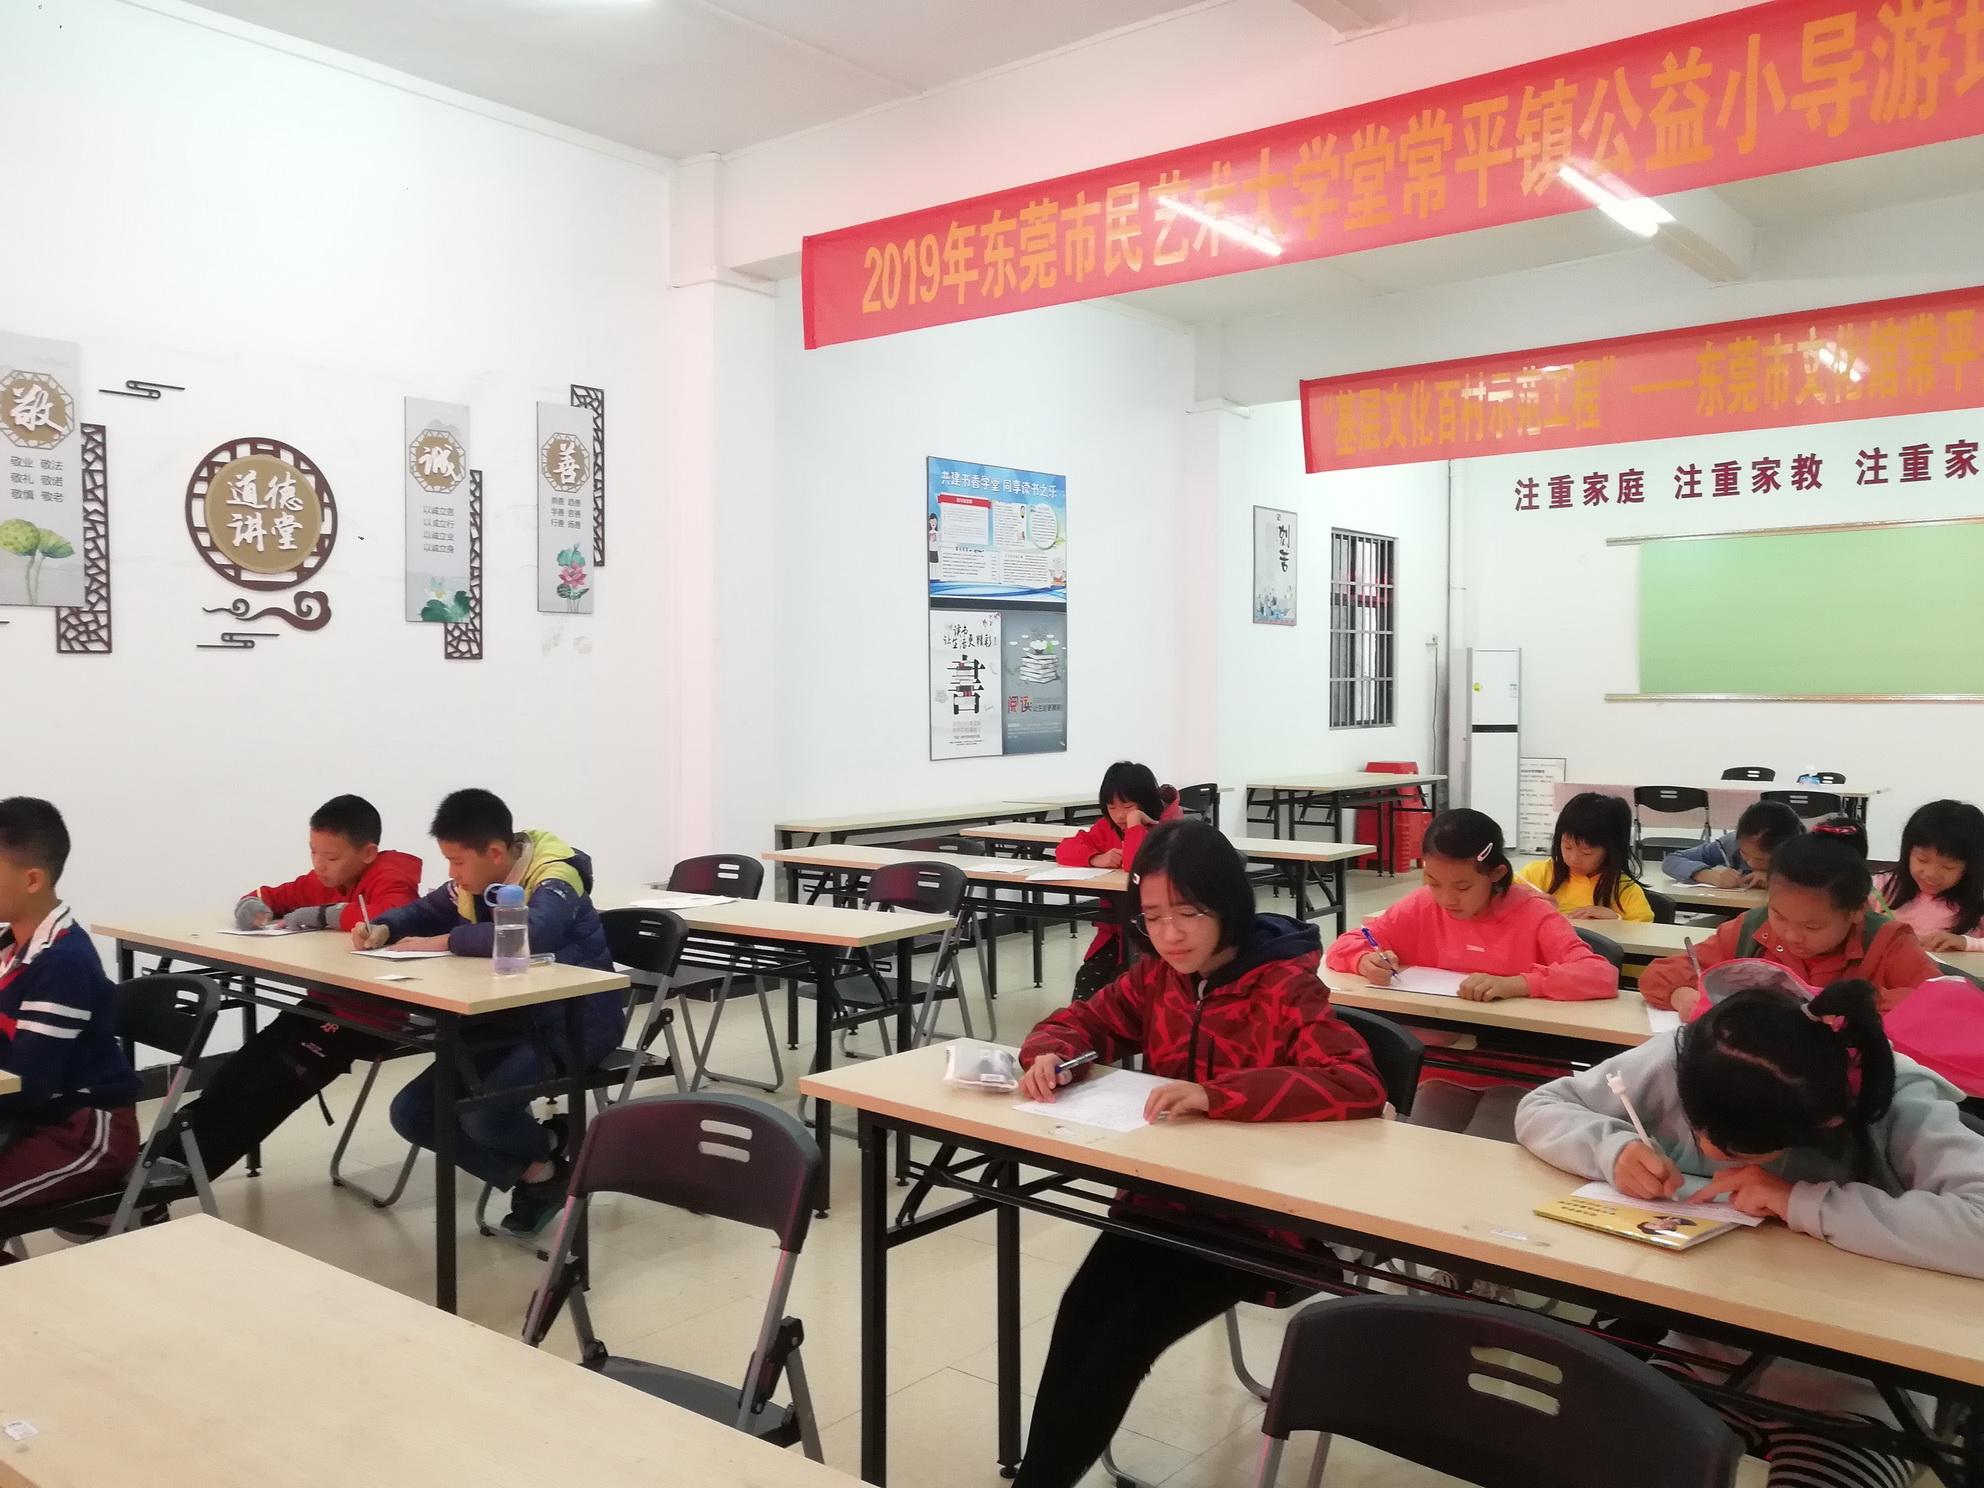 【周氏童生】小导游培育项目之中级导游考核